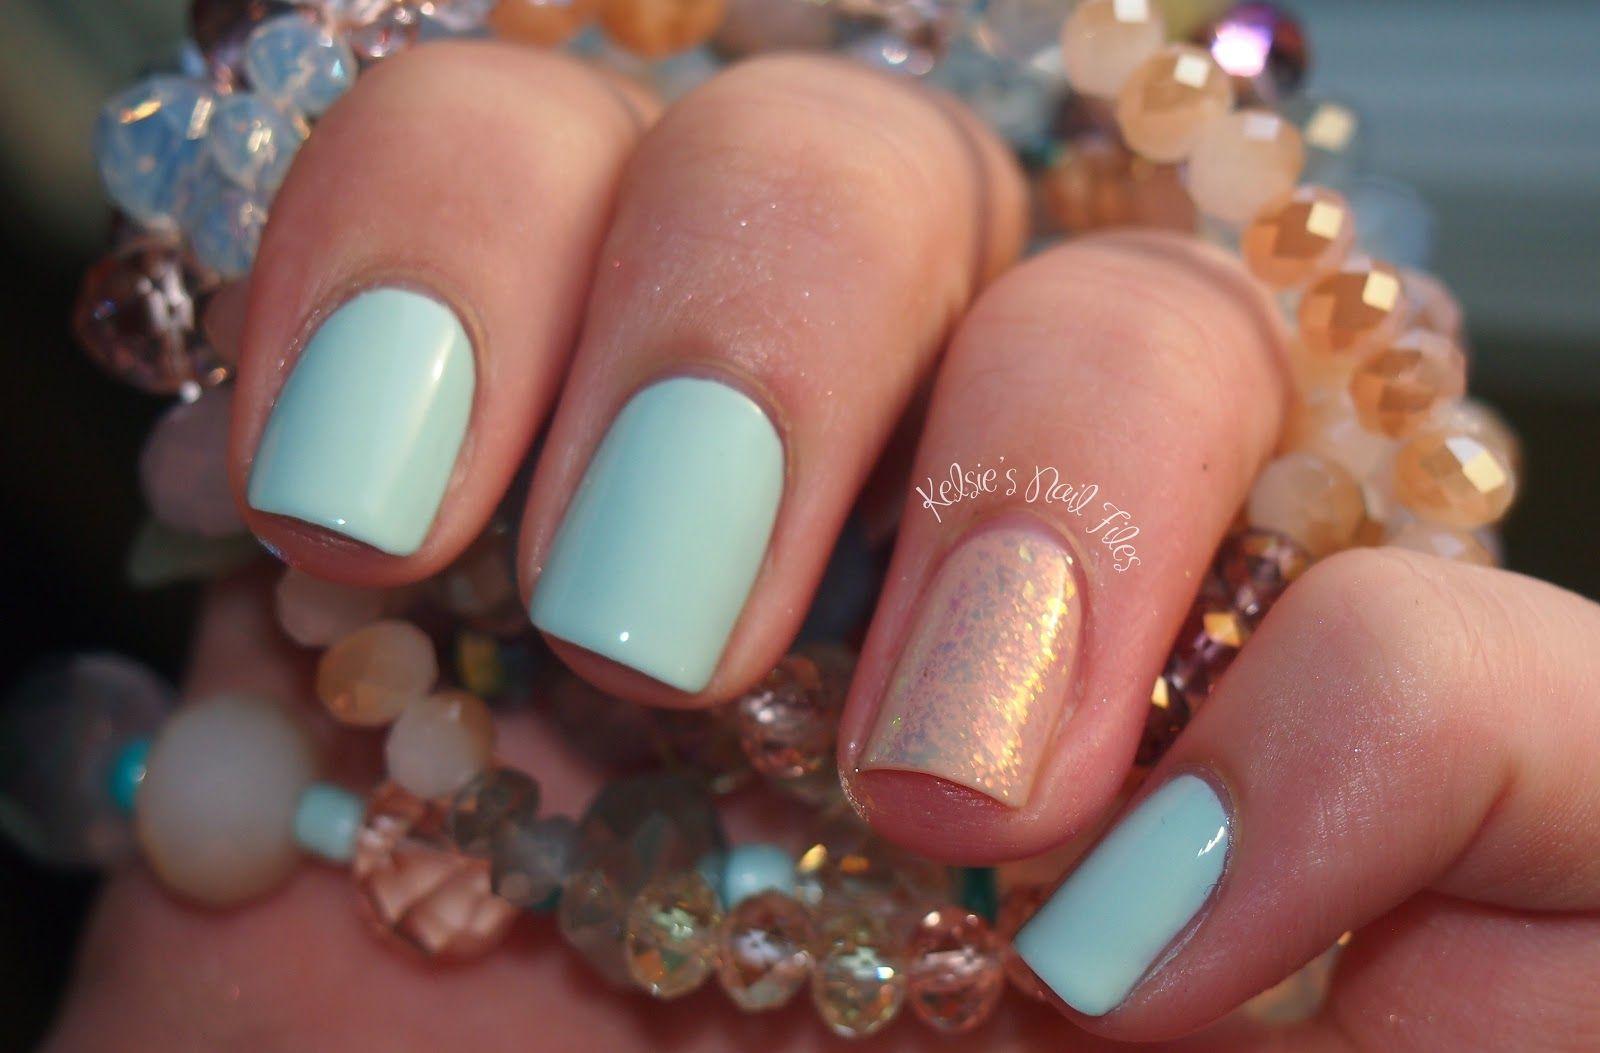 Kelsies Nail Files: #Pastel #Nails #Essie #ChinaGlaze   Kelsie\'s ...